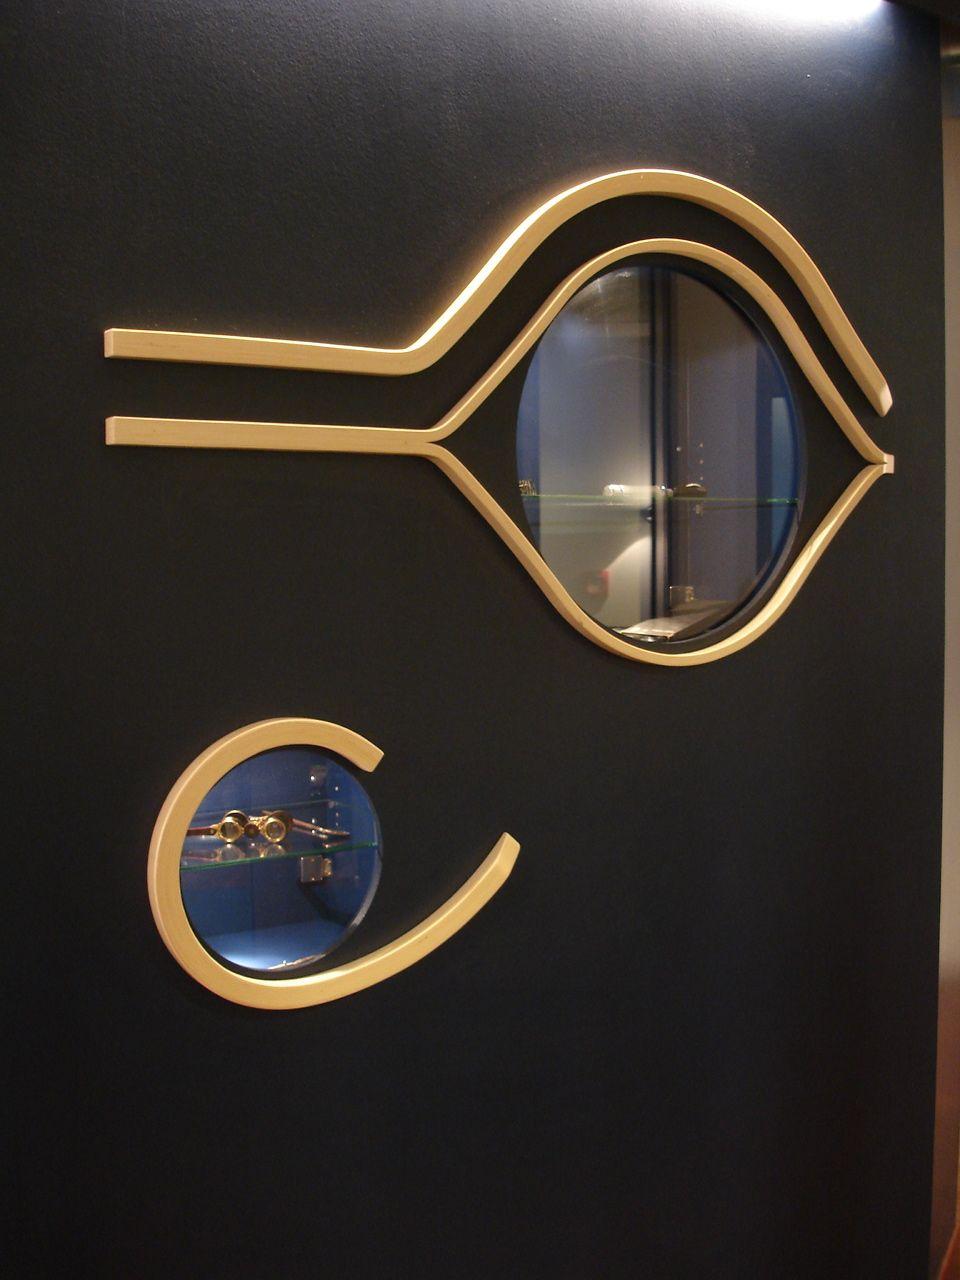 Augenarztpraxis, Bremen Ausstellungsvitrine mit historischen Untersuchungsgeräten der Augenheilkunde, Praxislogo